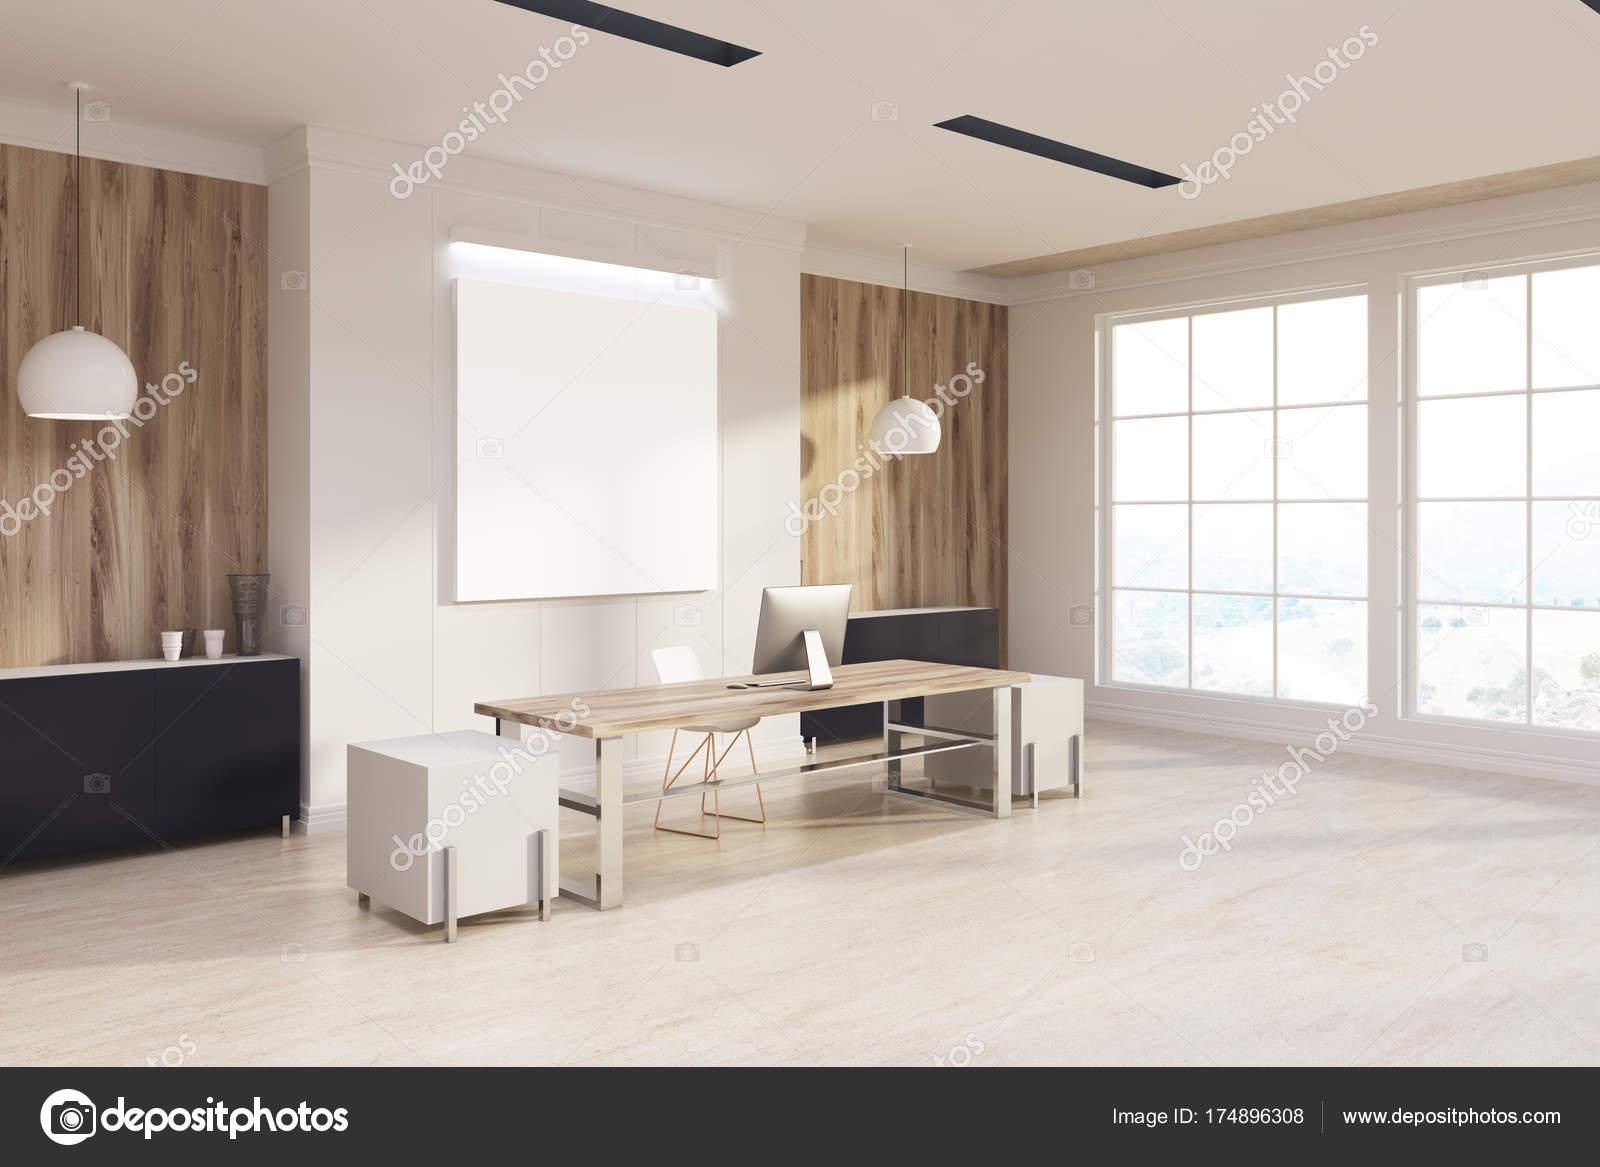 Ufficio Bianco E Legno : Ufficio di capo bianco e legno s lato poster u foto stock